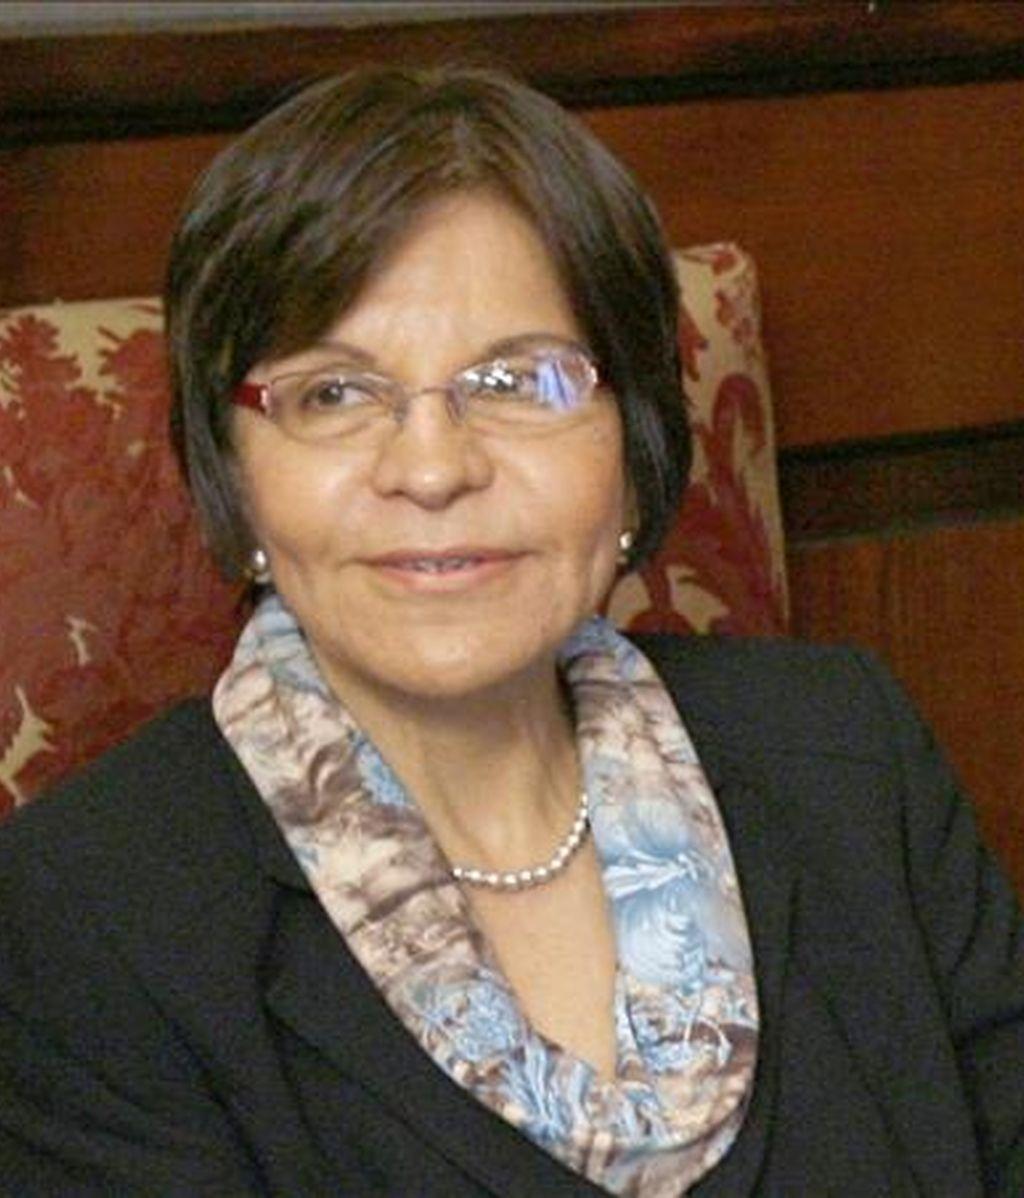 La legisladora Mercedes Cabanillas (en la imagen), explicó que en la actualidad la justicia peruana investiga el espionaje telefónico, descubierto en octubre pasado, que reveló irregularidades en la concesión de lotes petroleros para la noruega Discover Petroleum. EFE/Archivo